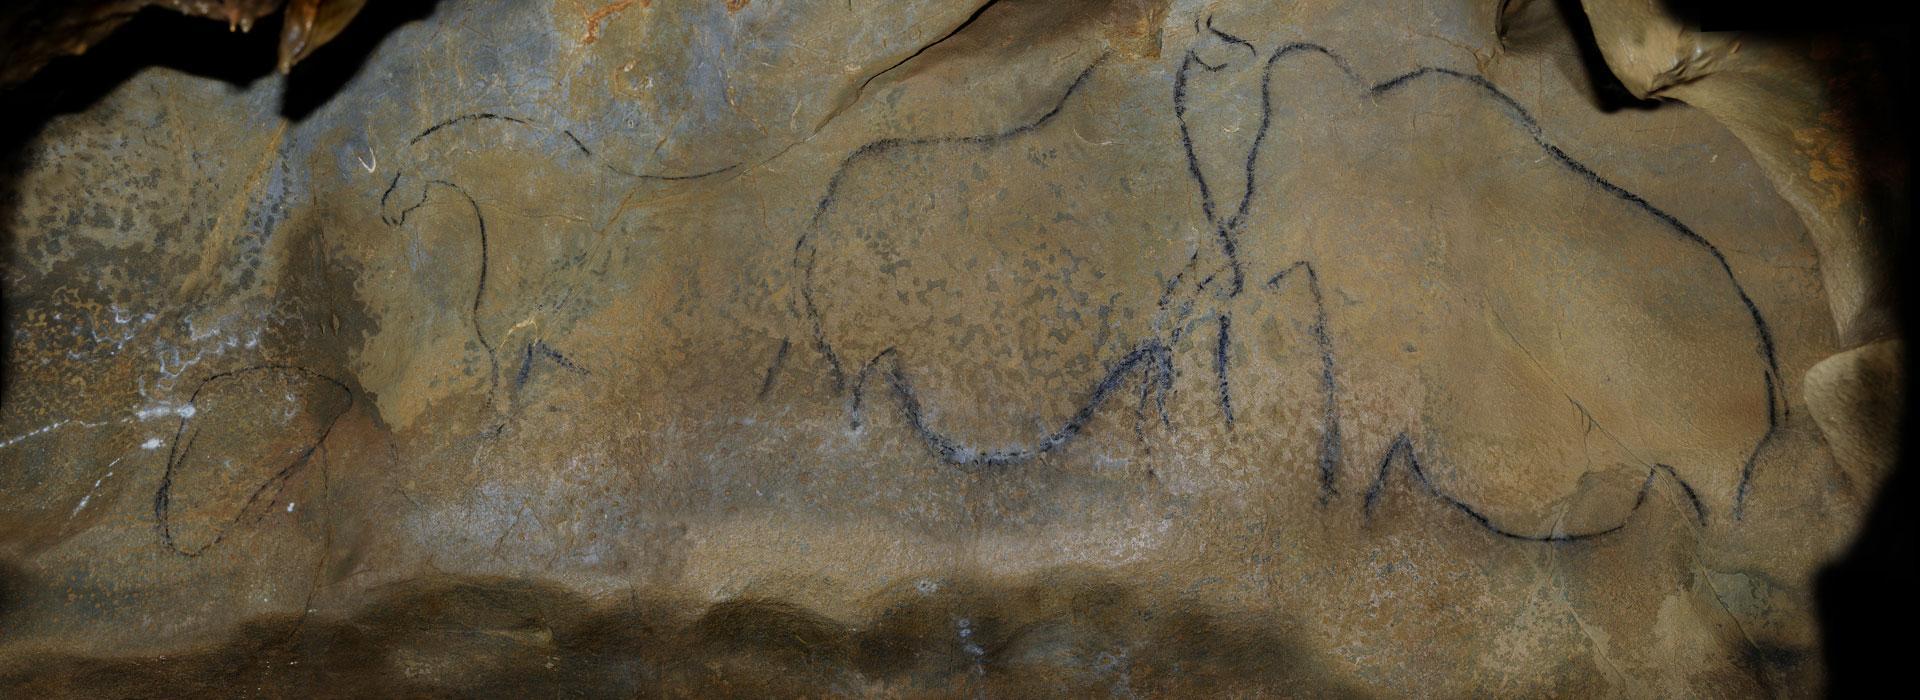 Fresque dans la grotte